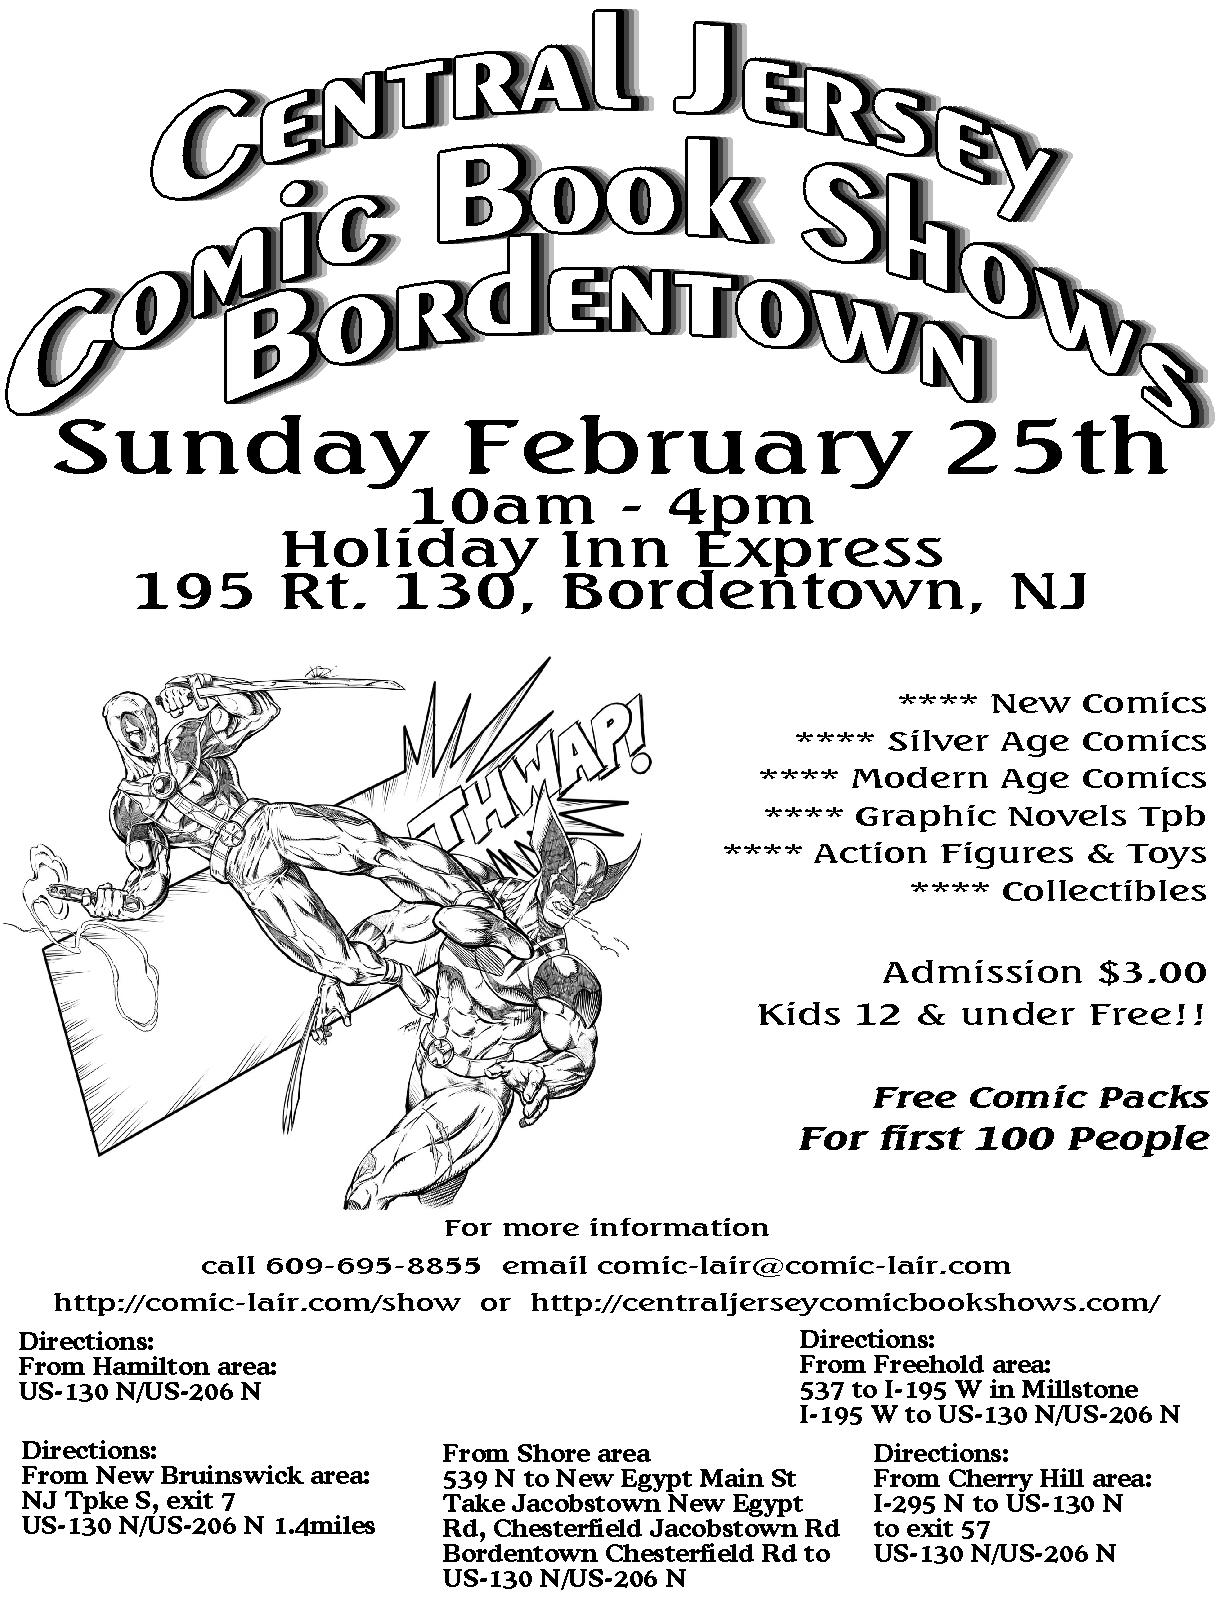 Bordentown Comic Book Show